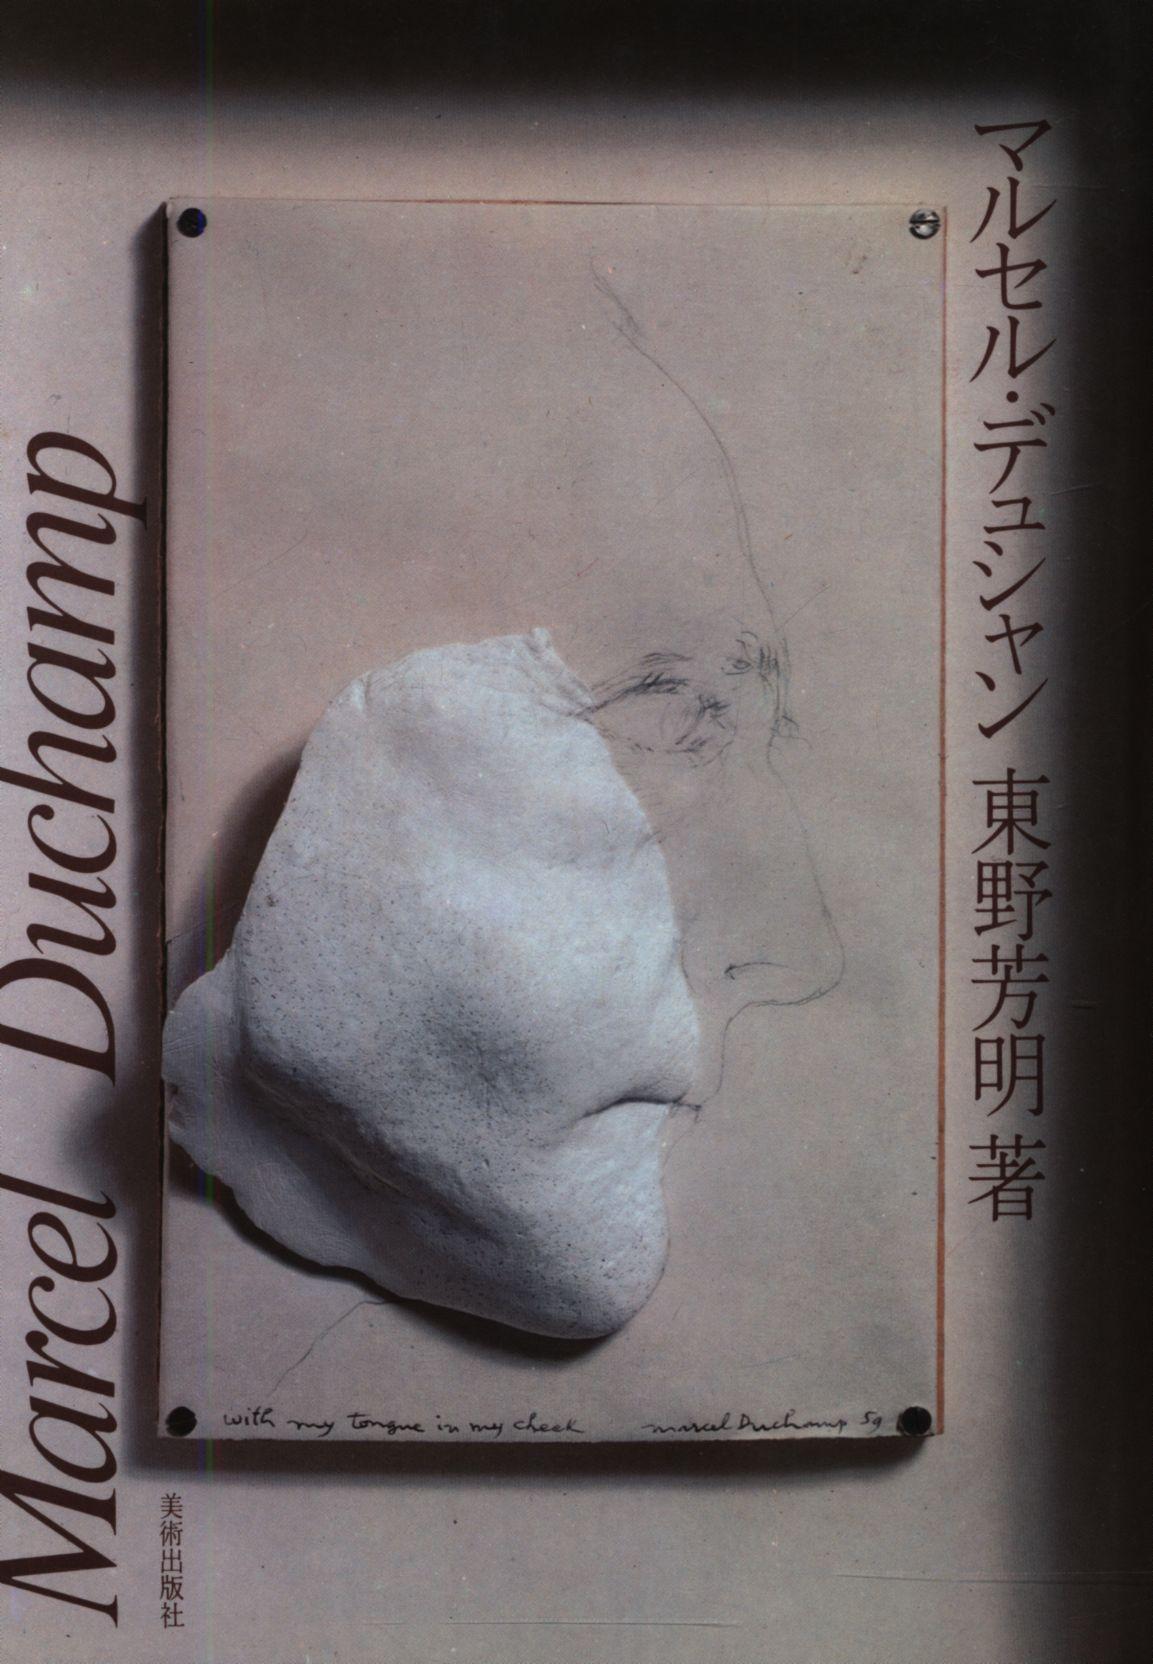 まんだらけ通販 | 東野芳明 マルセル・デュシャン - 中野店からの出品